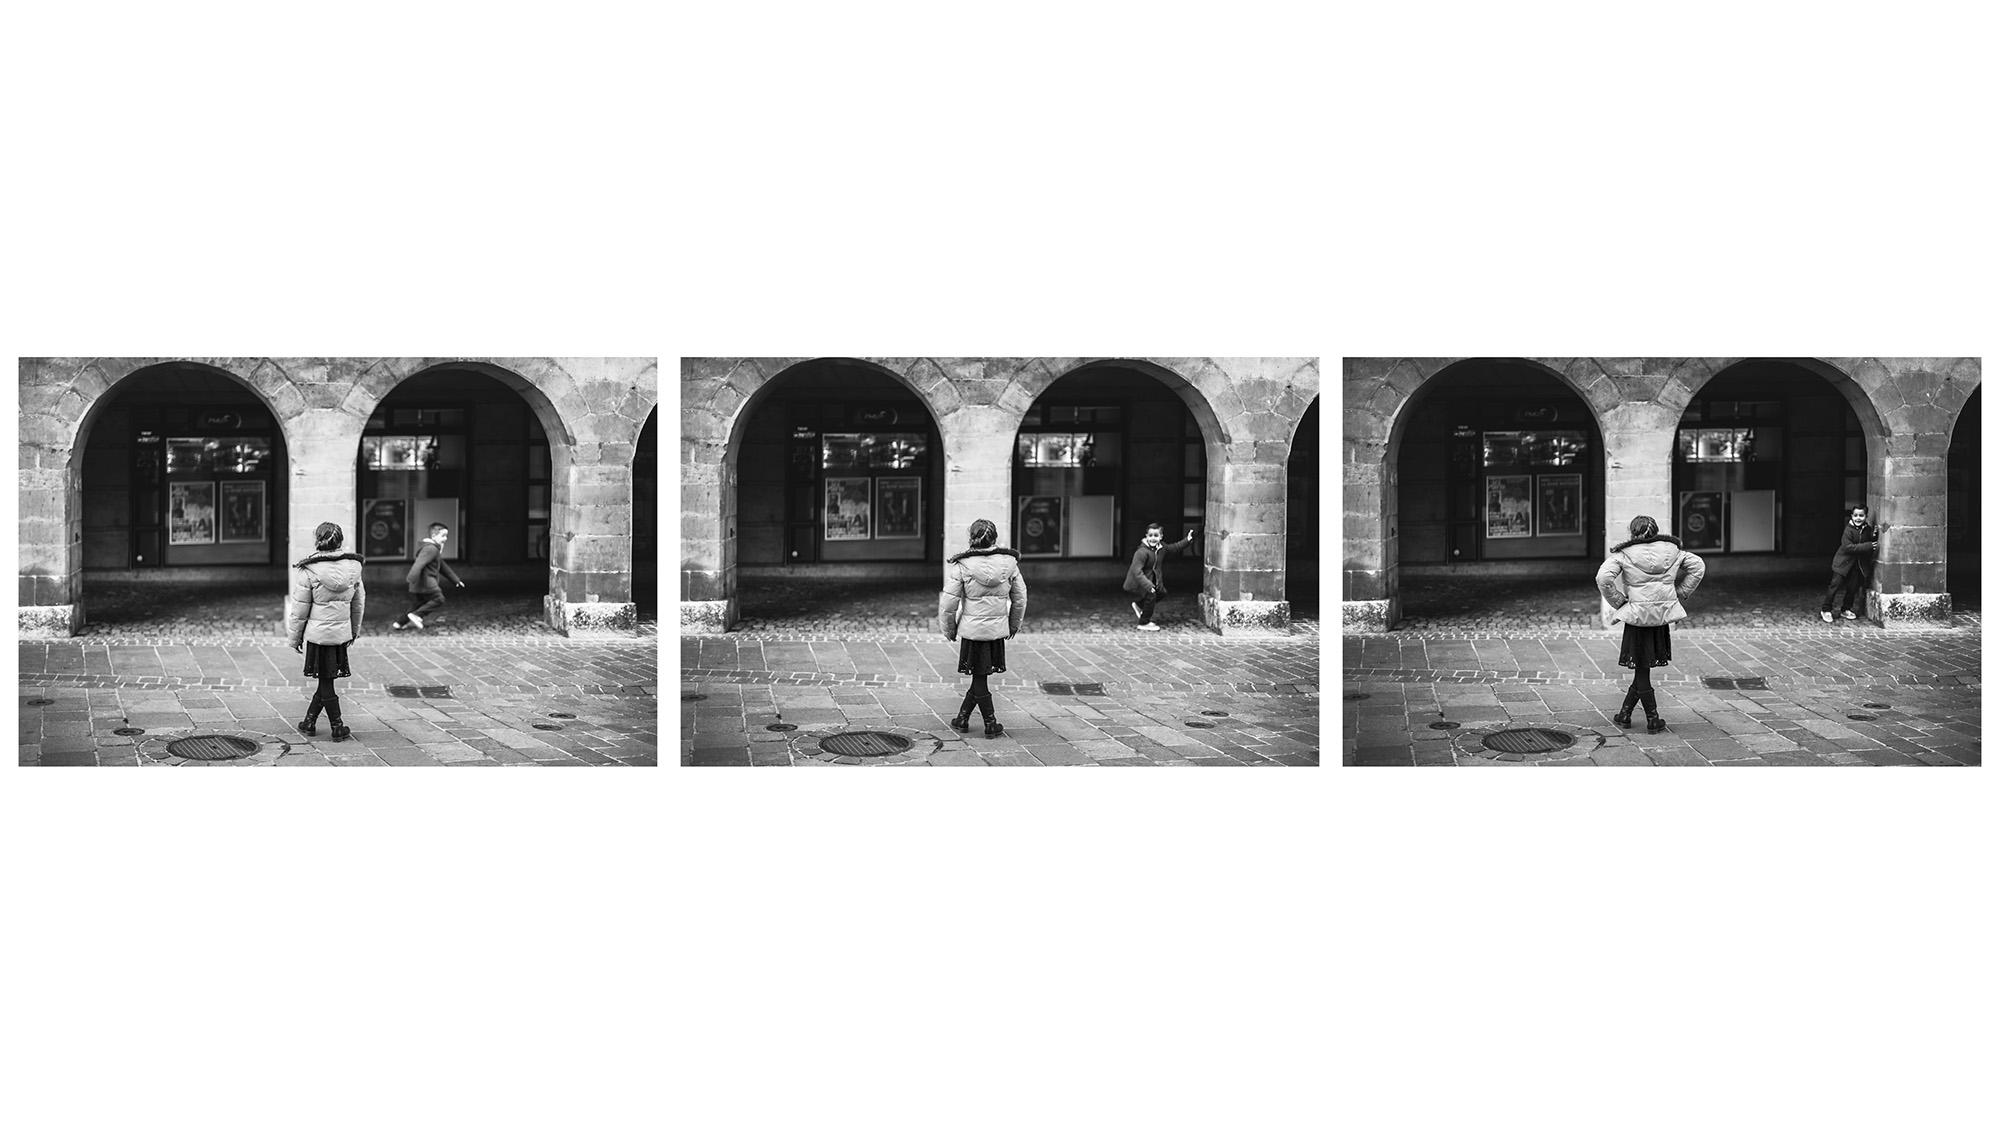 """Parfois, la séquence d'images parle plus que l'image seule, parce qu'elle entraîne avec elle l'idée de mouvement, de temporalité, et elle laisse au spectateur la liberté de combler ce qu'il y a entre les images. Dans des cas comme celui-ci où les prises de vue sont très rapprochées, un petit """"stop-motion"""" se crée dans l'imaginaire du spectateur. La question de la séquence d'images est très intéressante, et elle fera l'objet d'un prochain article qui traitera de la manière de """"présenter ses images""""."""